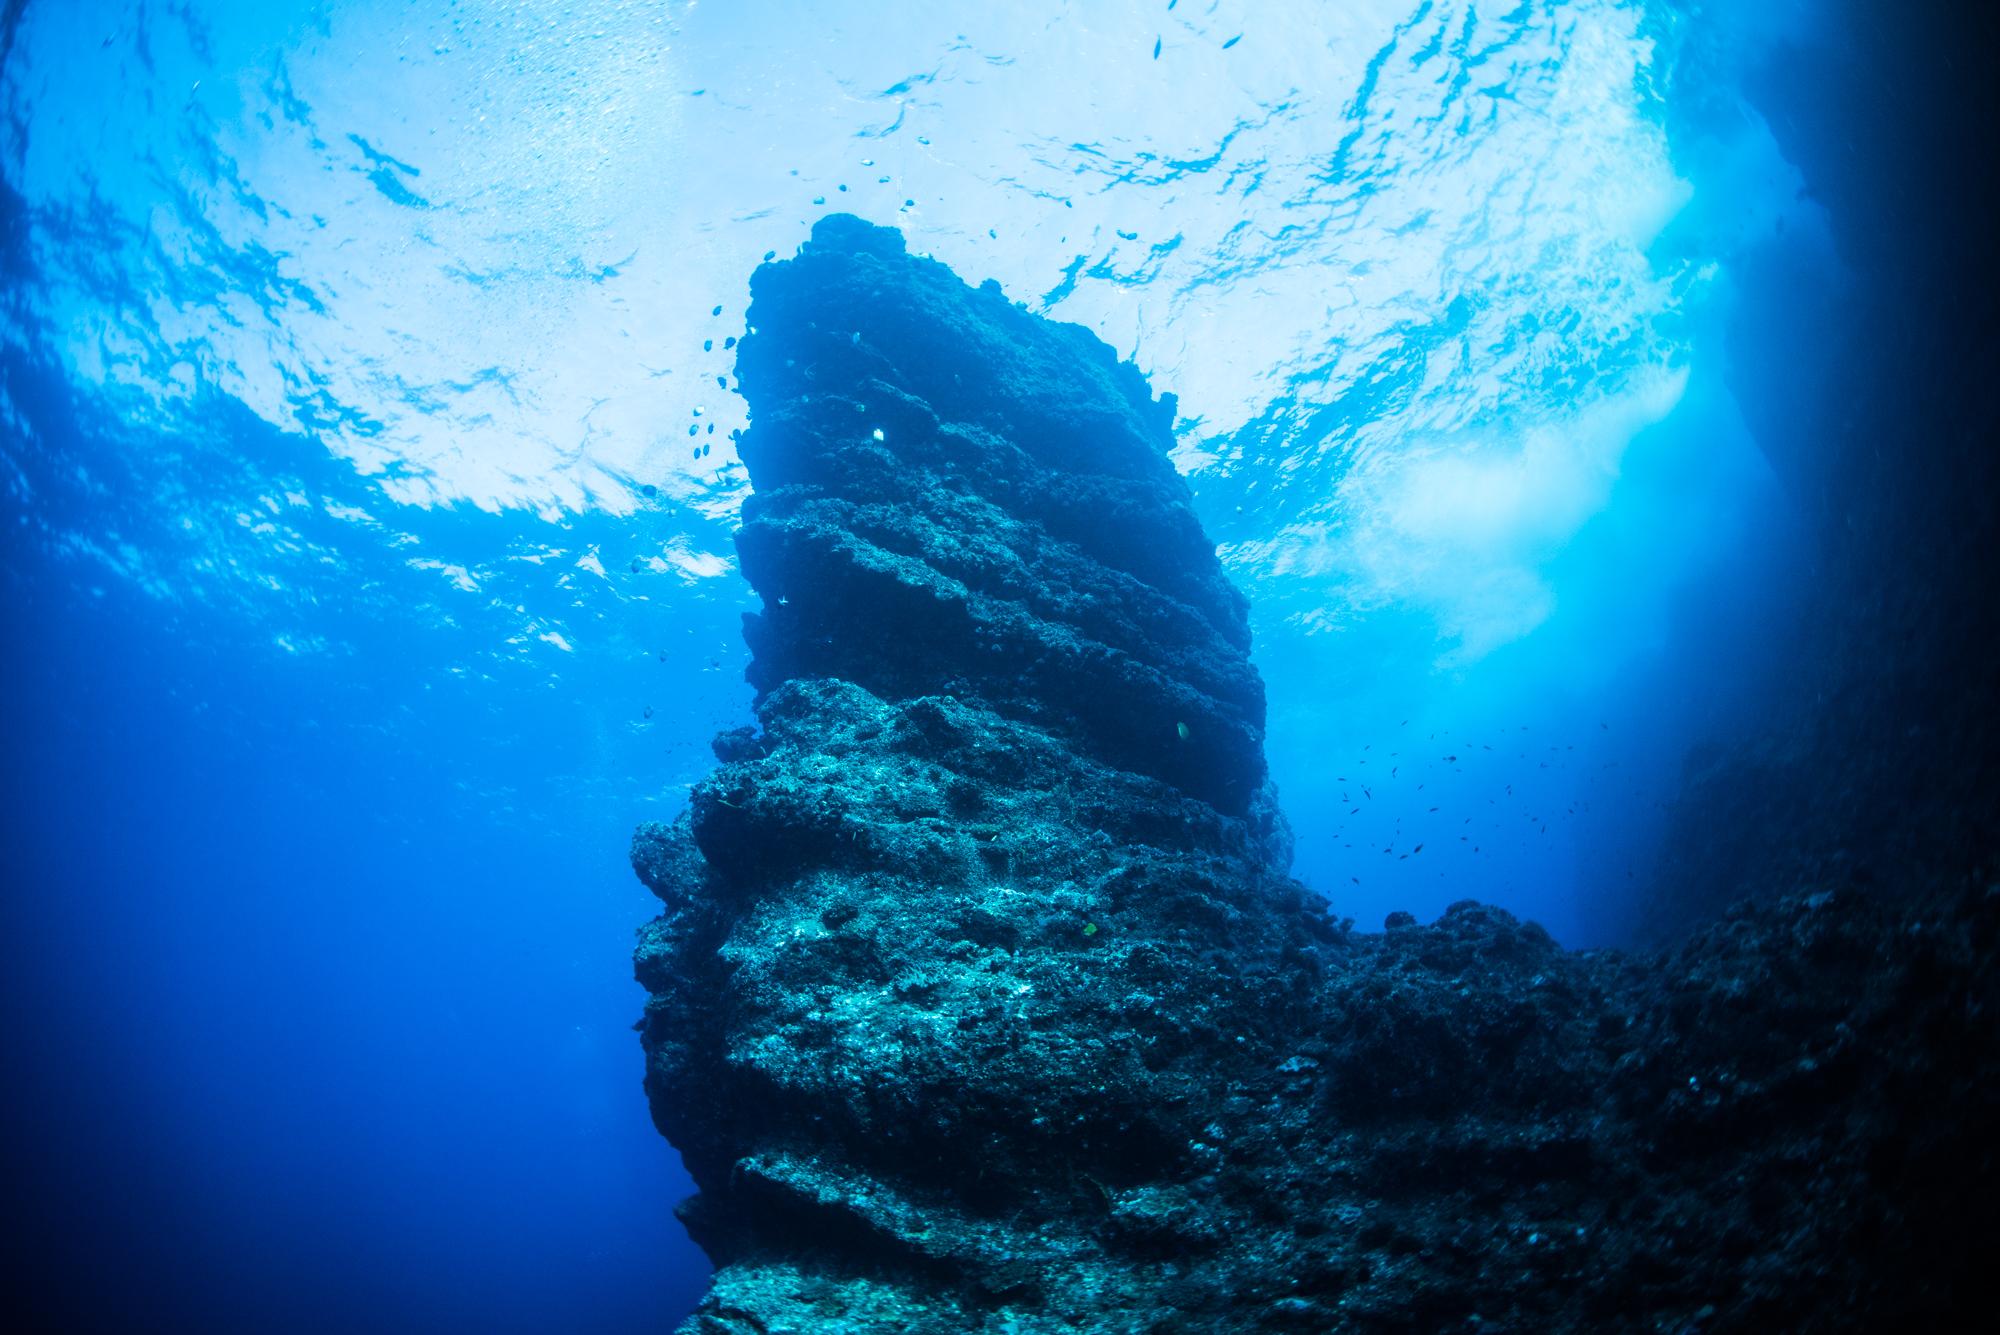 バべルの塔のような巨岩